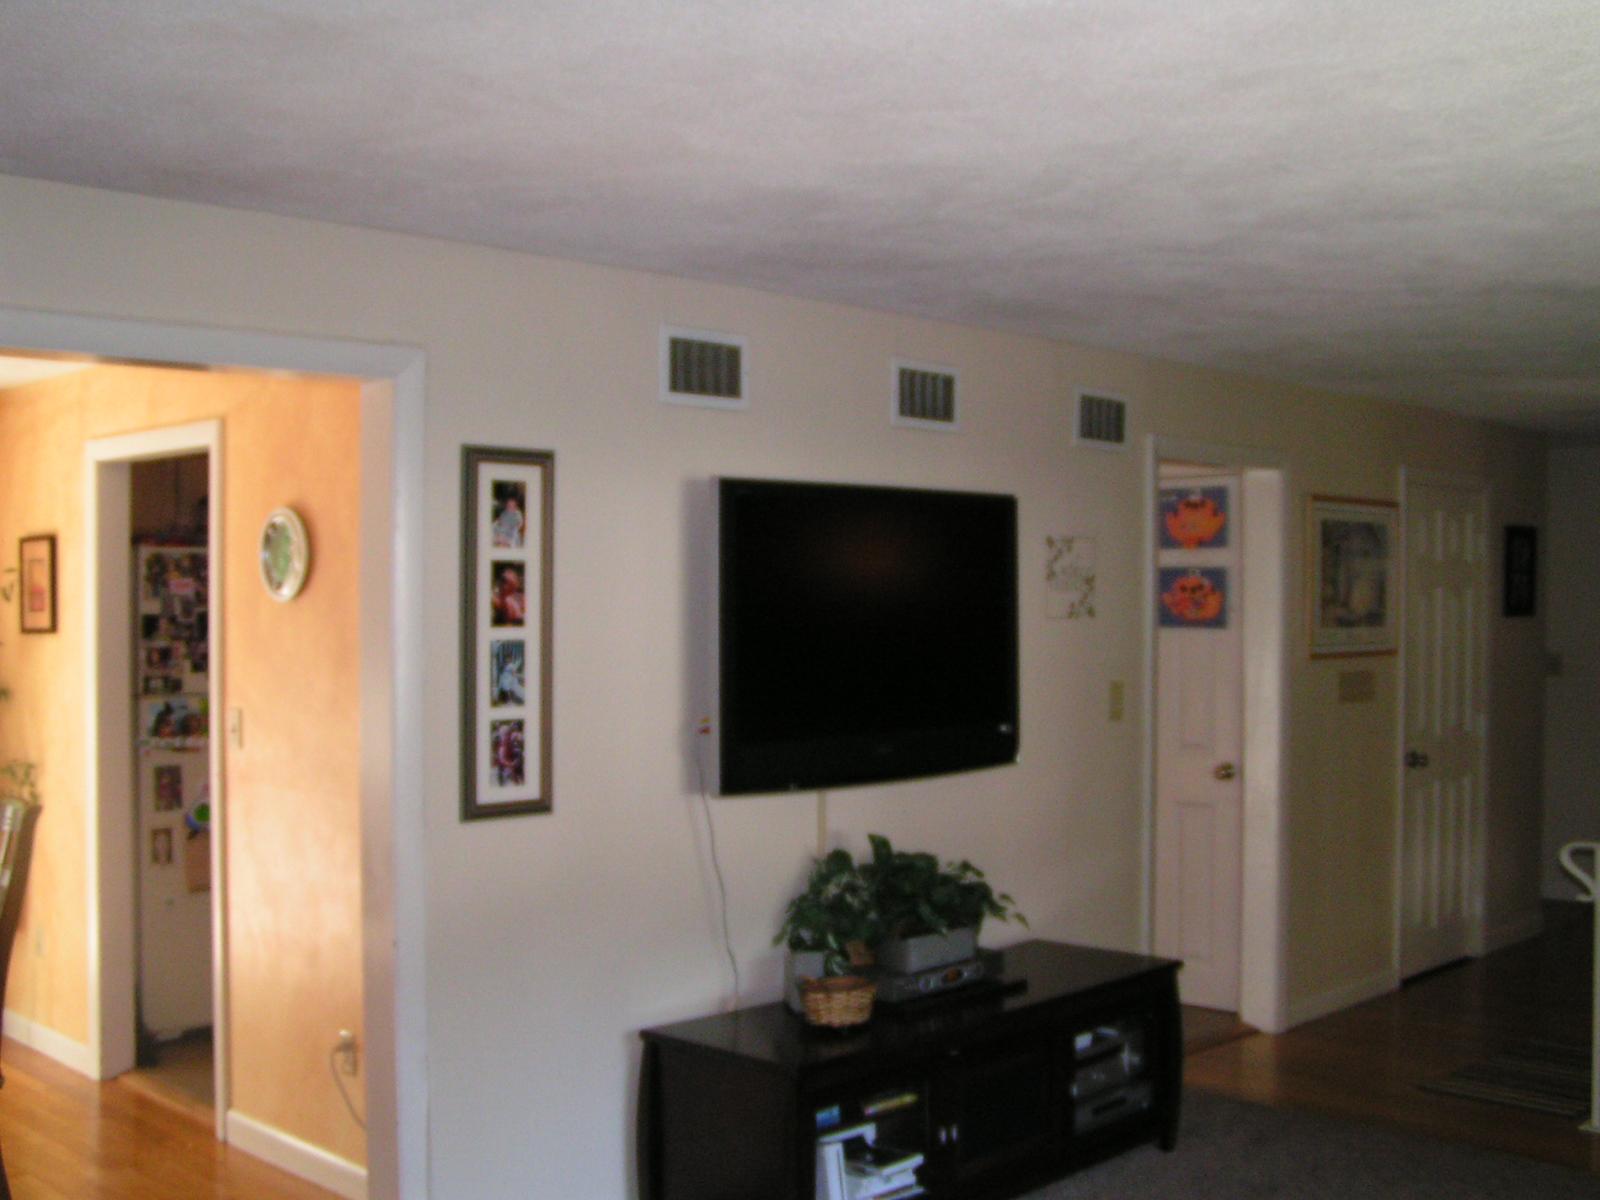 split level split level kitchen remodel SPLIT LEVEL After